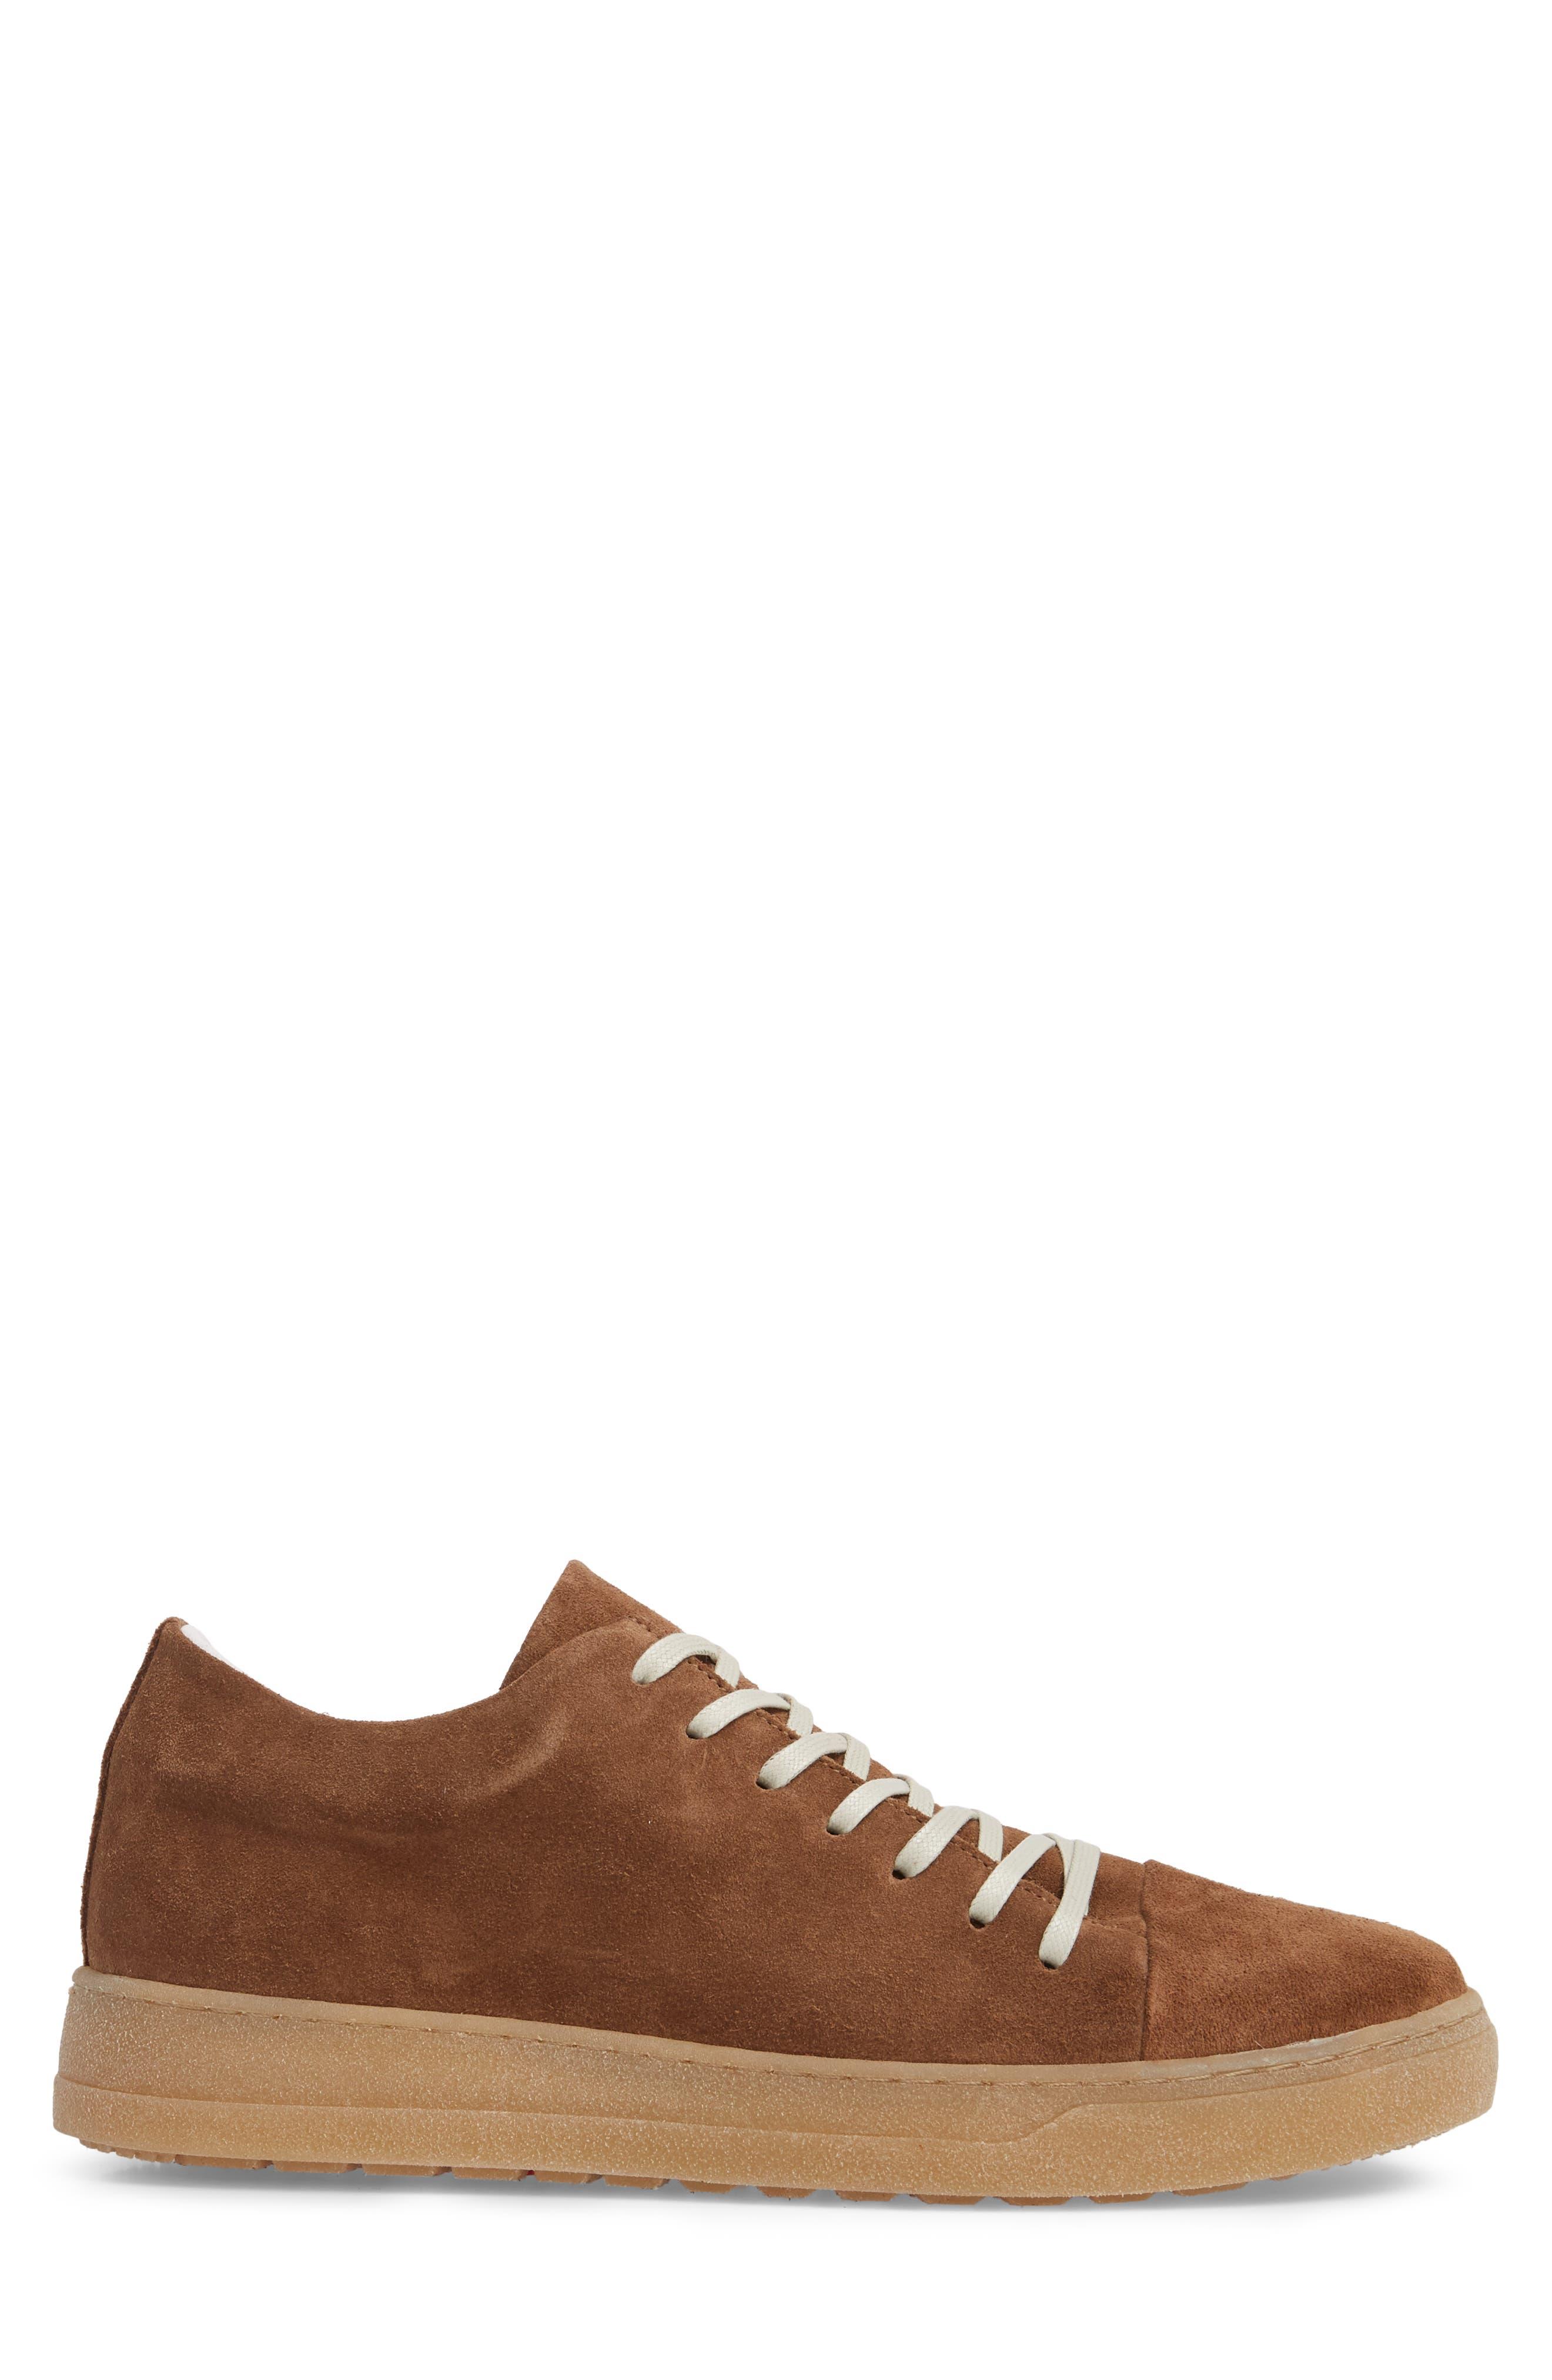 PAJAR,                             Rex Water Resistant Sneaker,                             Alternate thumbnail 3, color,                             249